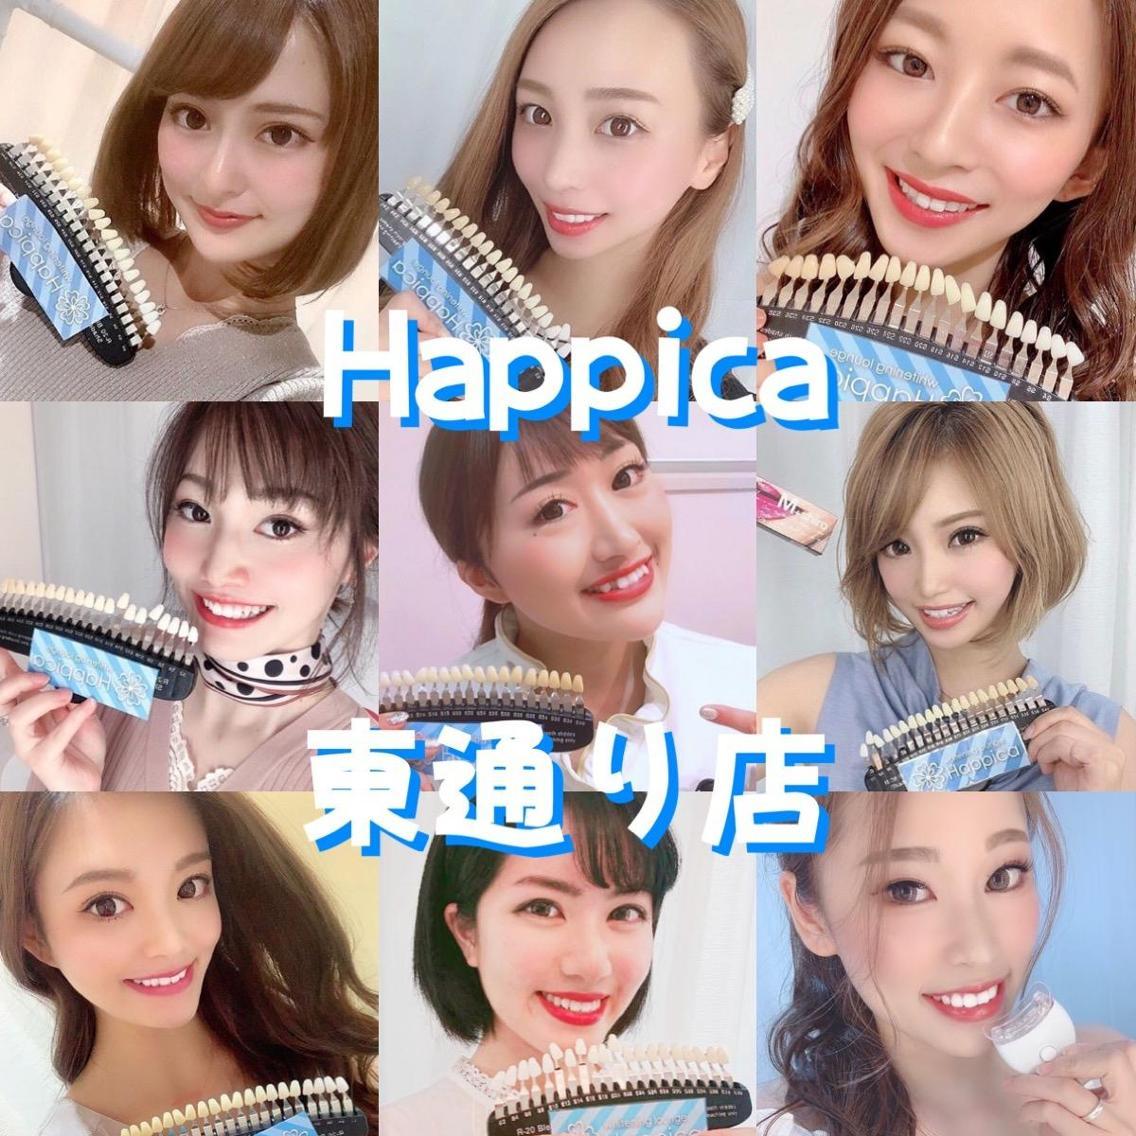 ホワイトニングラウンジ Happica 東通り店所属・Happica 東通り店の掲載